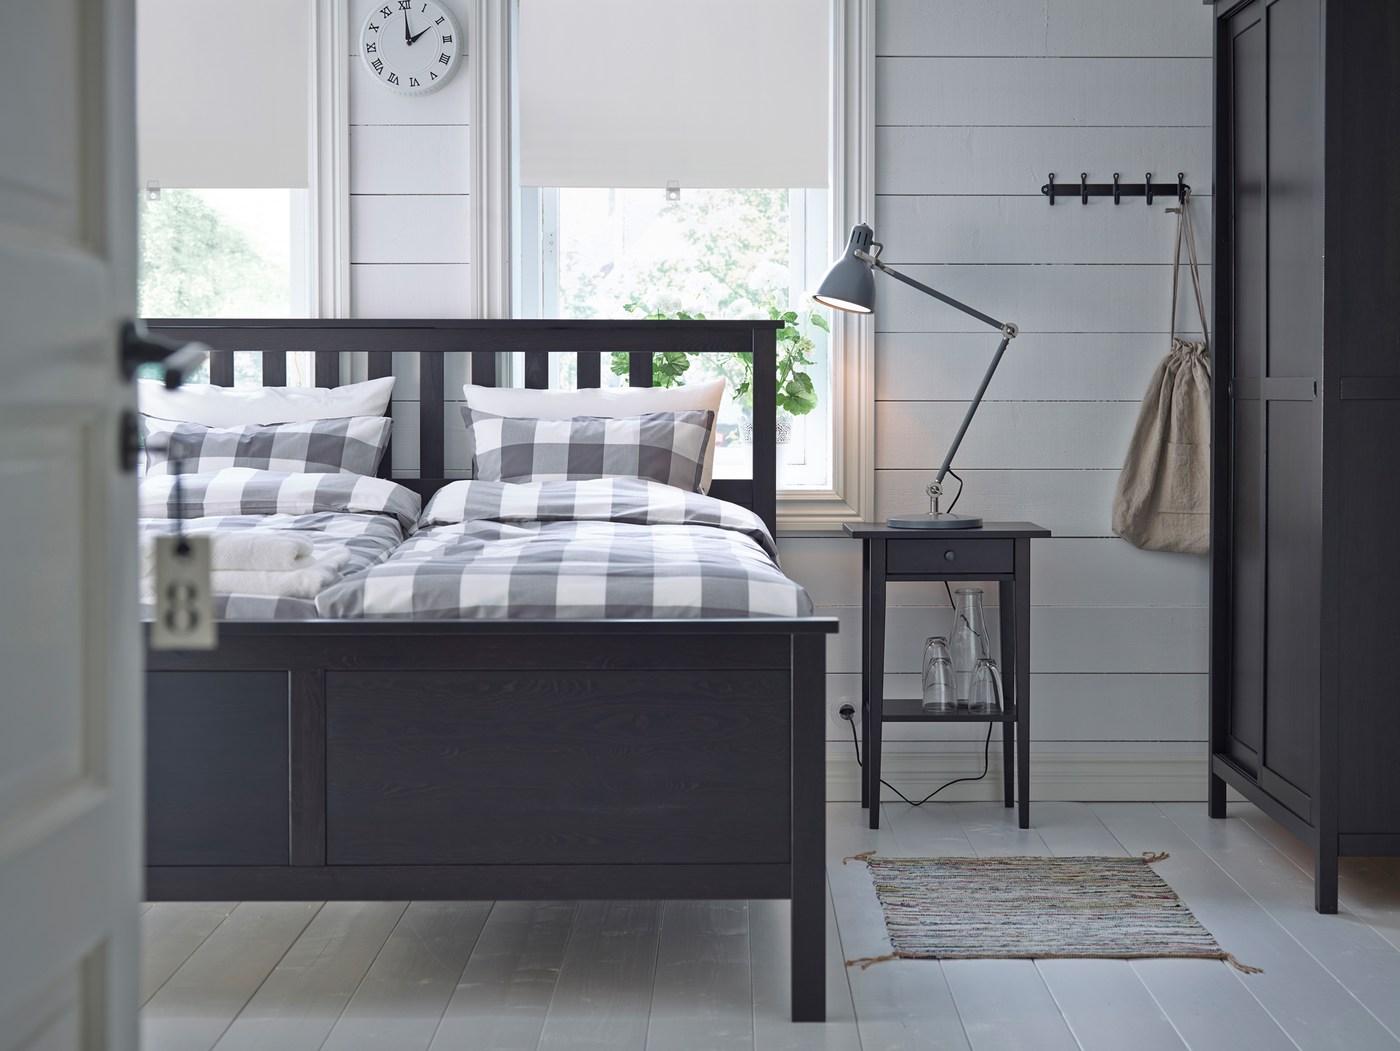 Černohnědý rám postele HEMNES, na ní kostičkované povlečení v bílé a béžové.